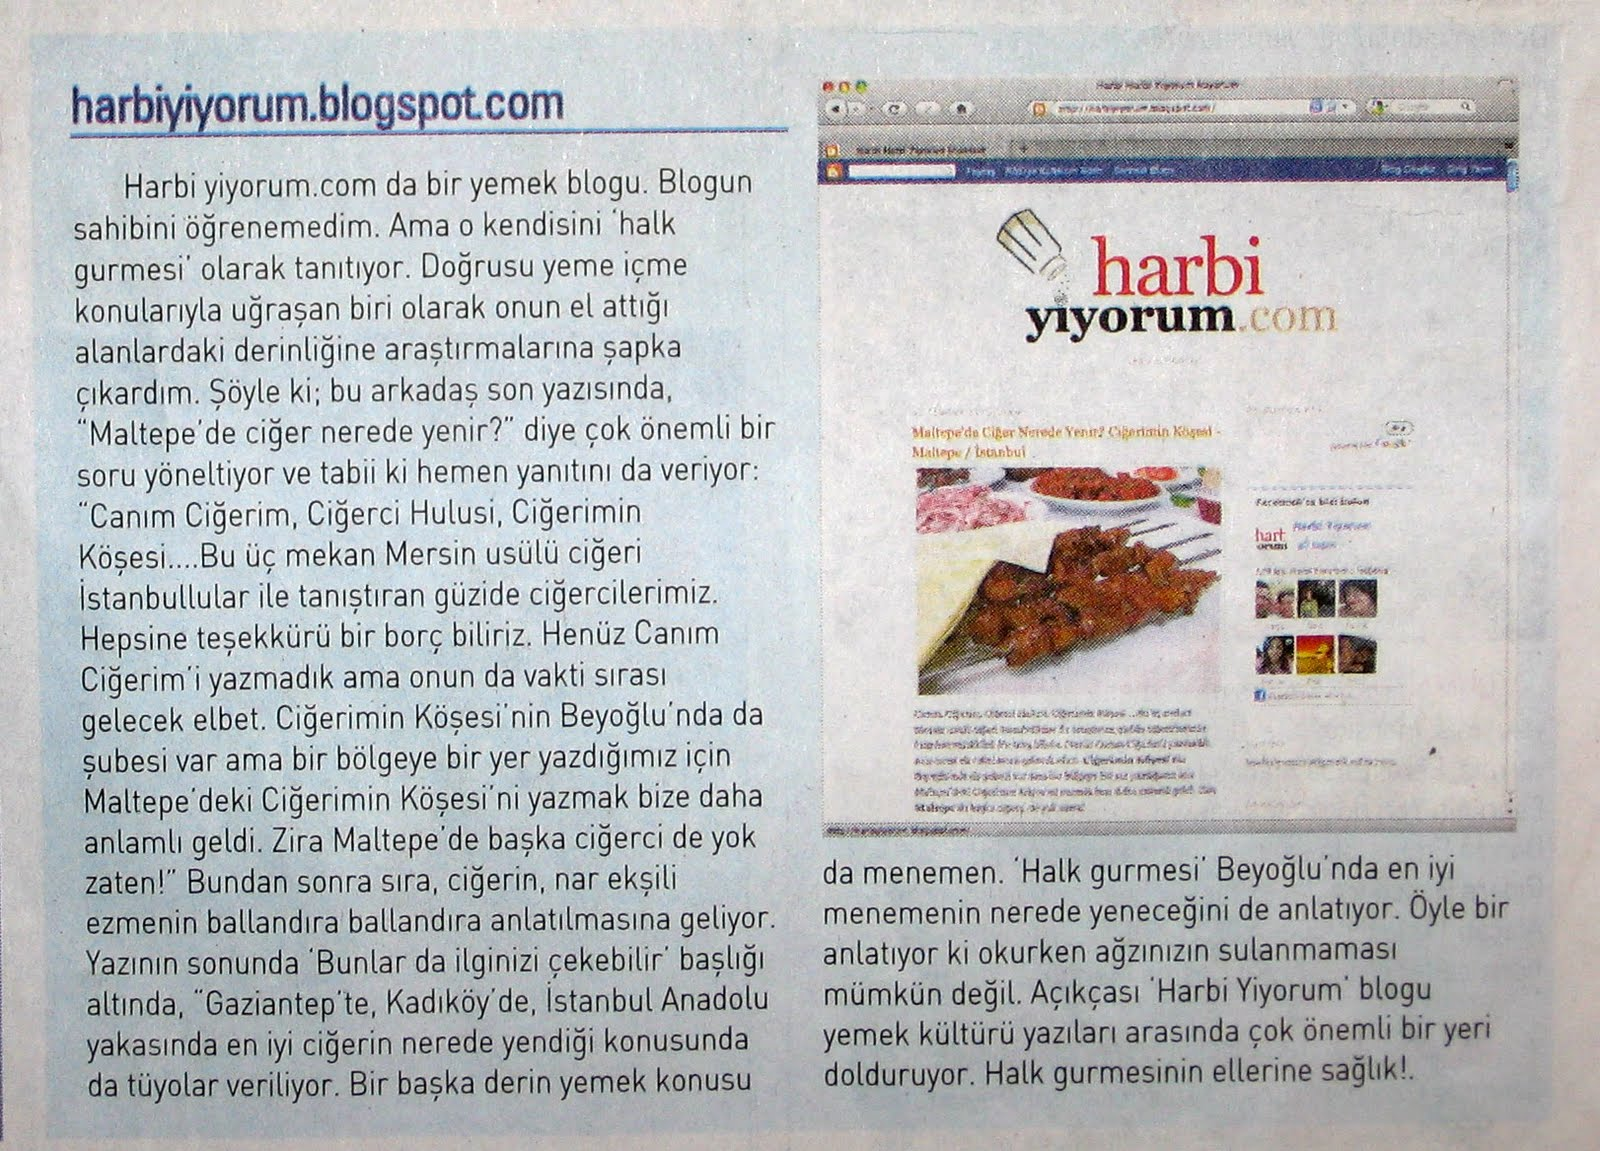 Harbiyiyorum.com Yazısı - Ahmet Örs /SABAH 2010